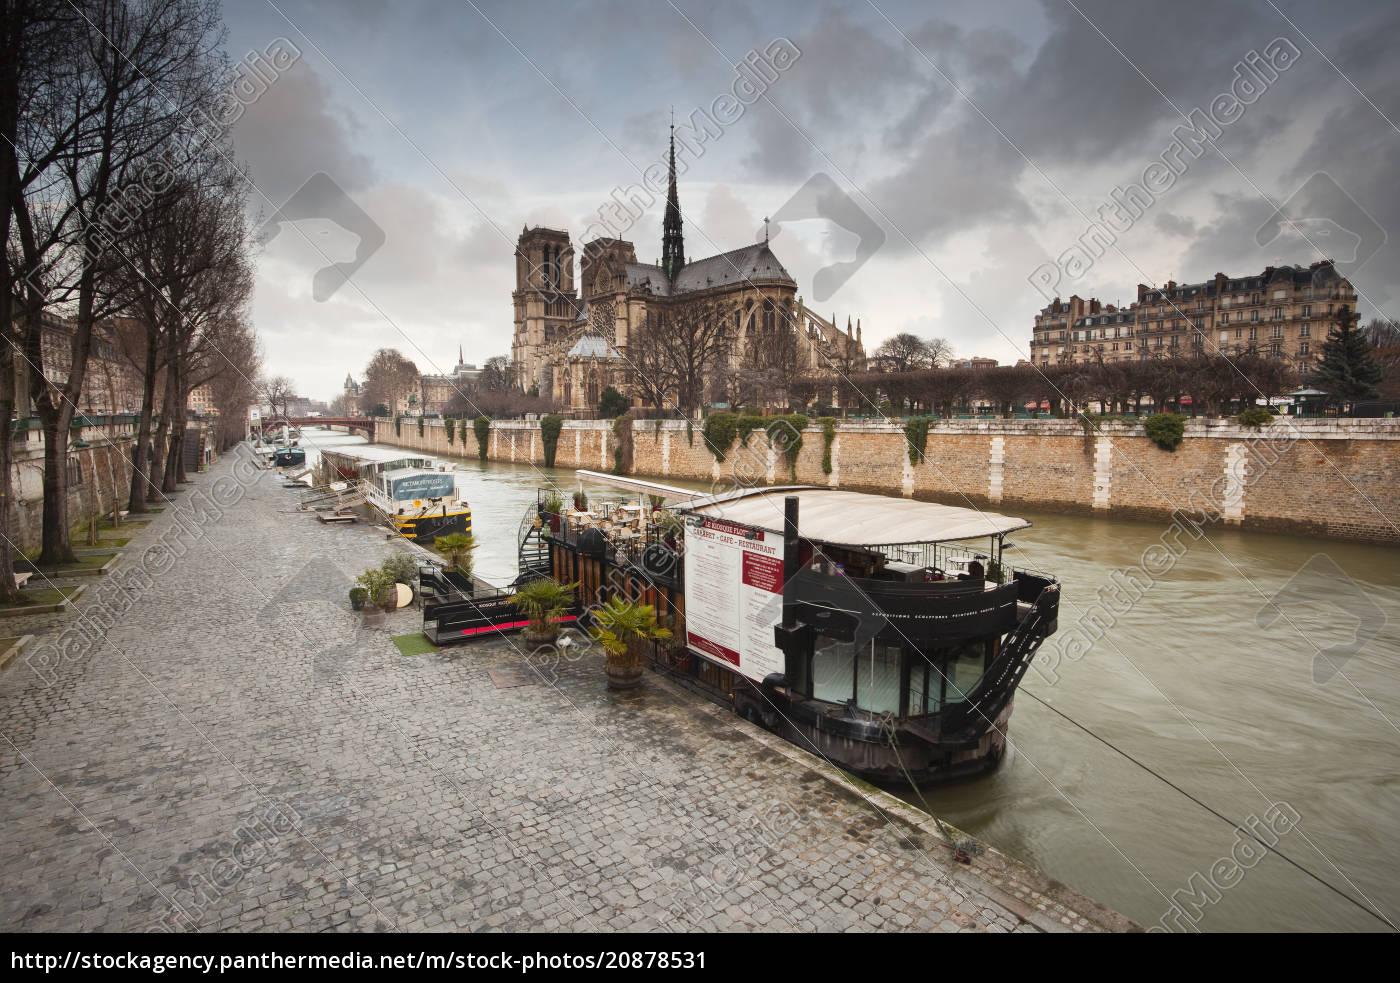 kathedrale, notre, dame, de, paris, und - 20878531